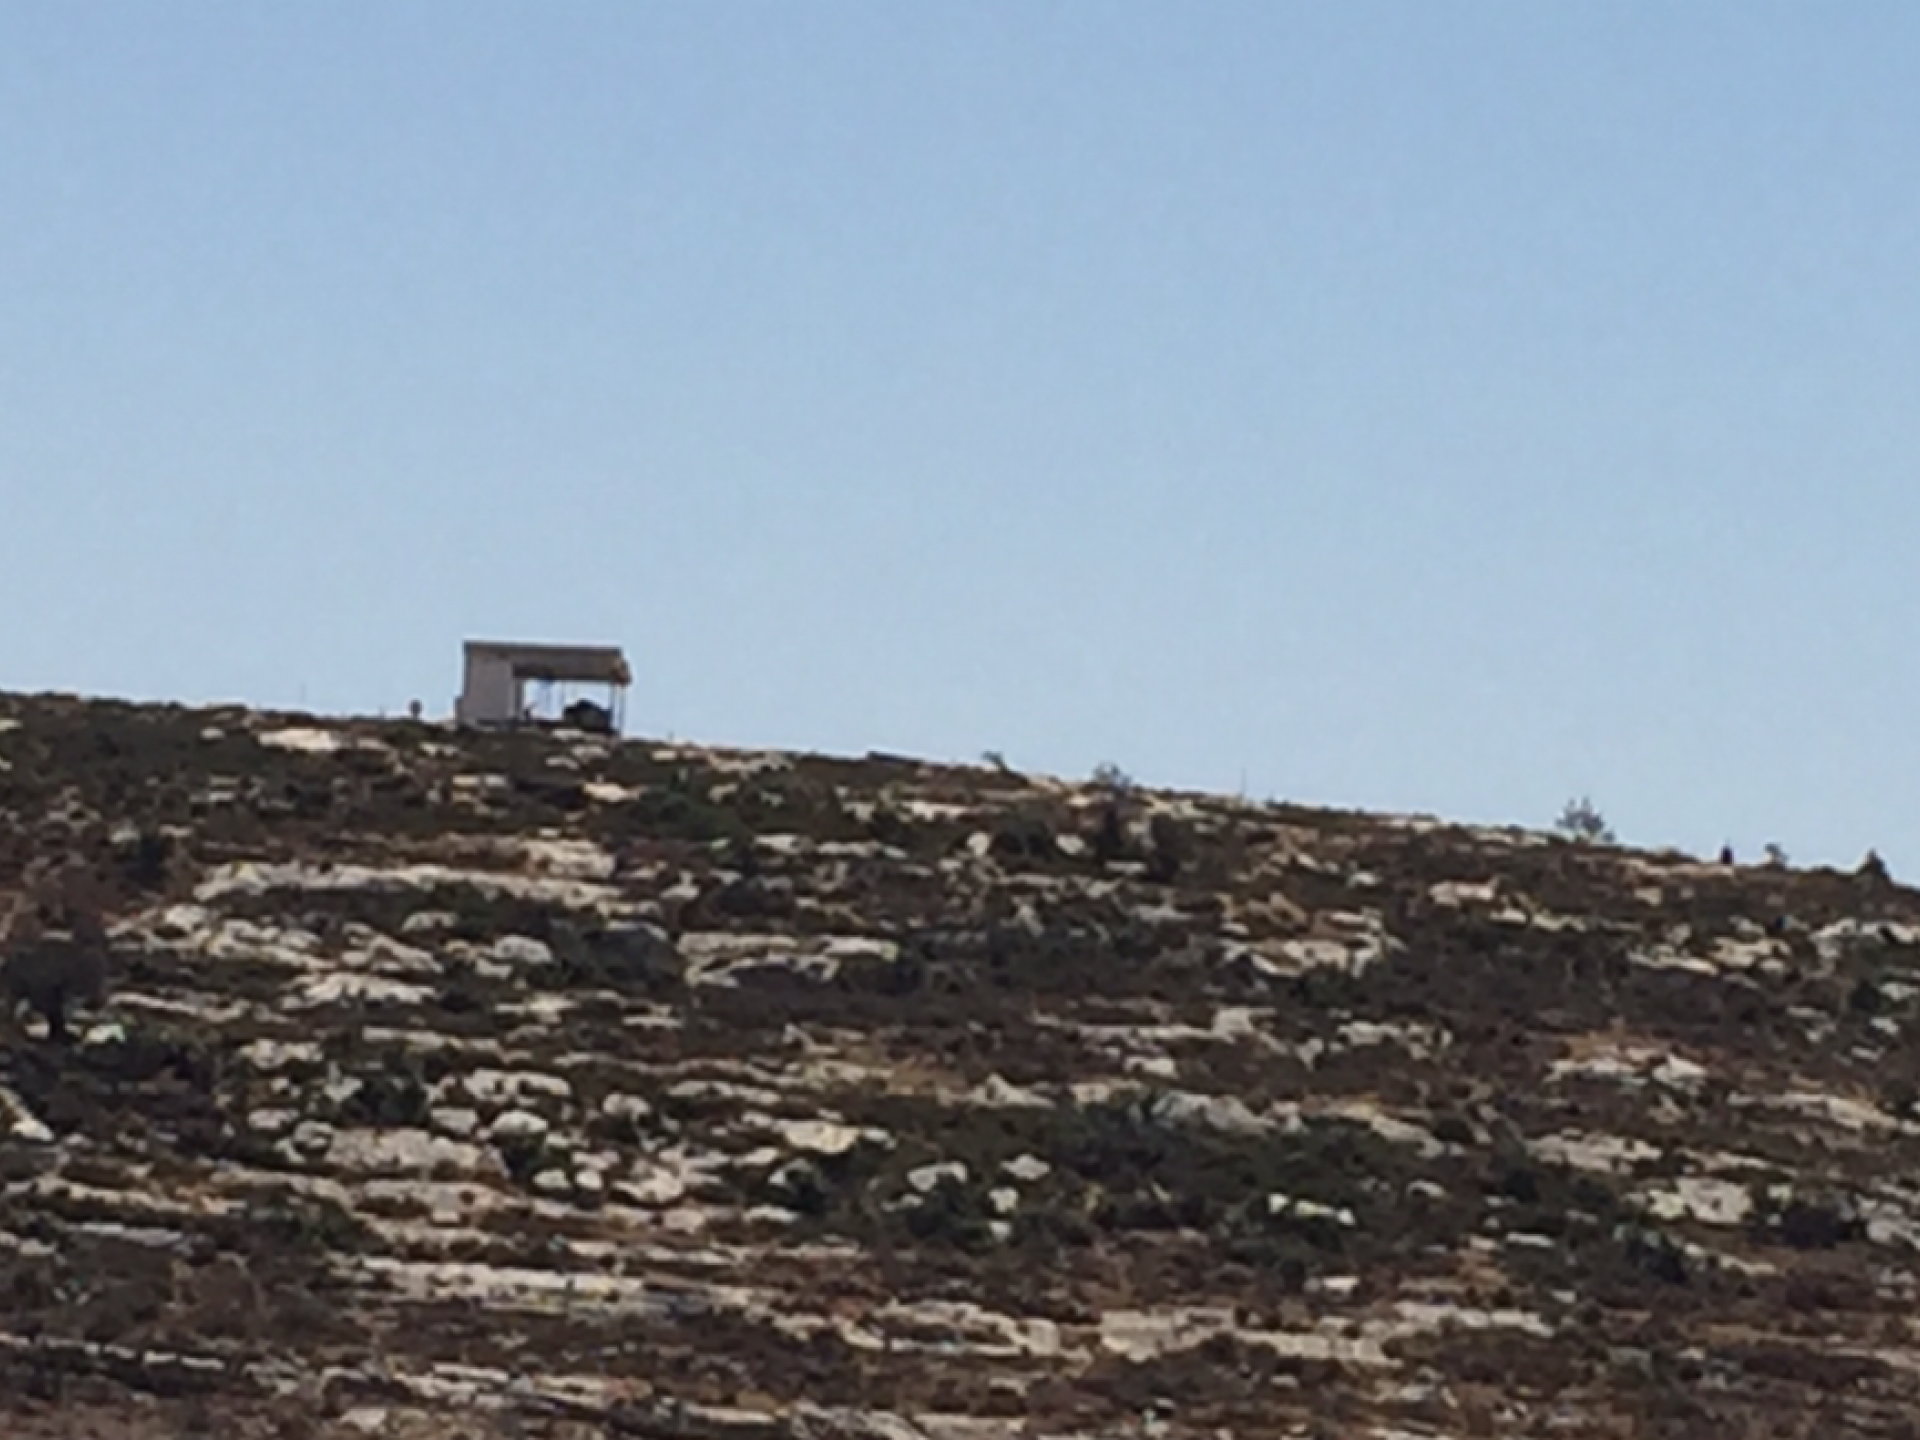 מבנה סככה בראש גבעה